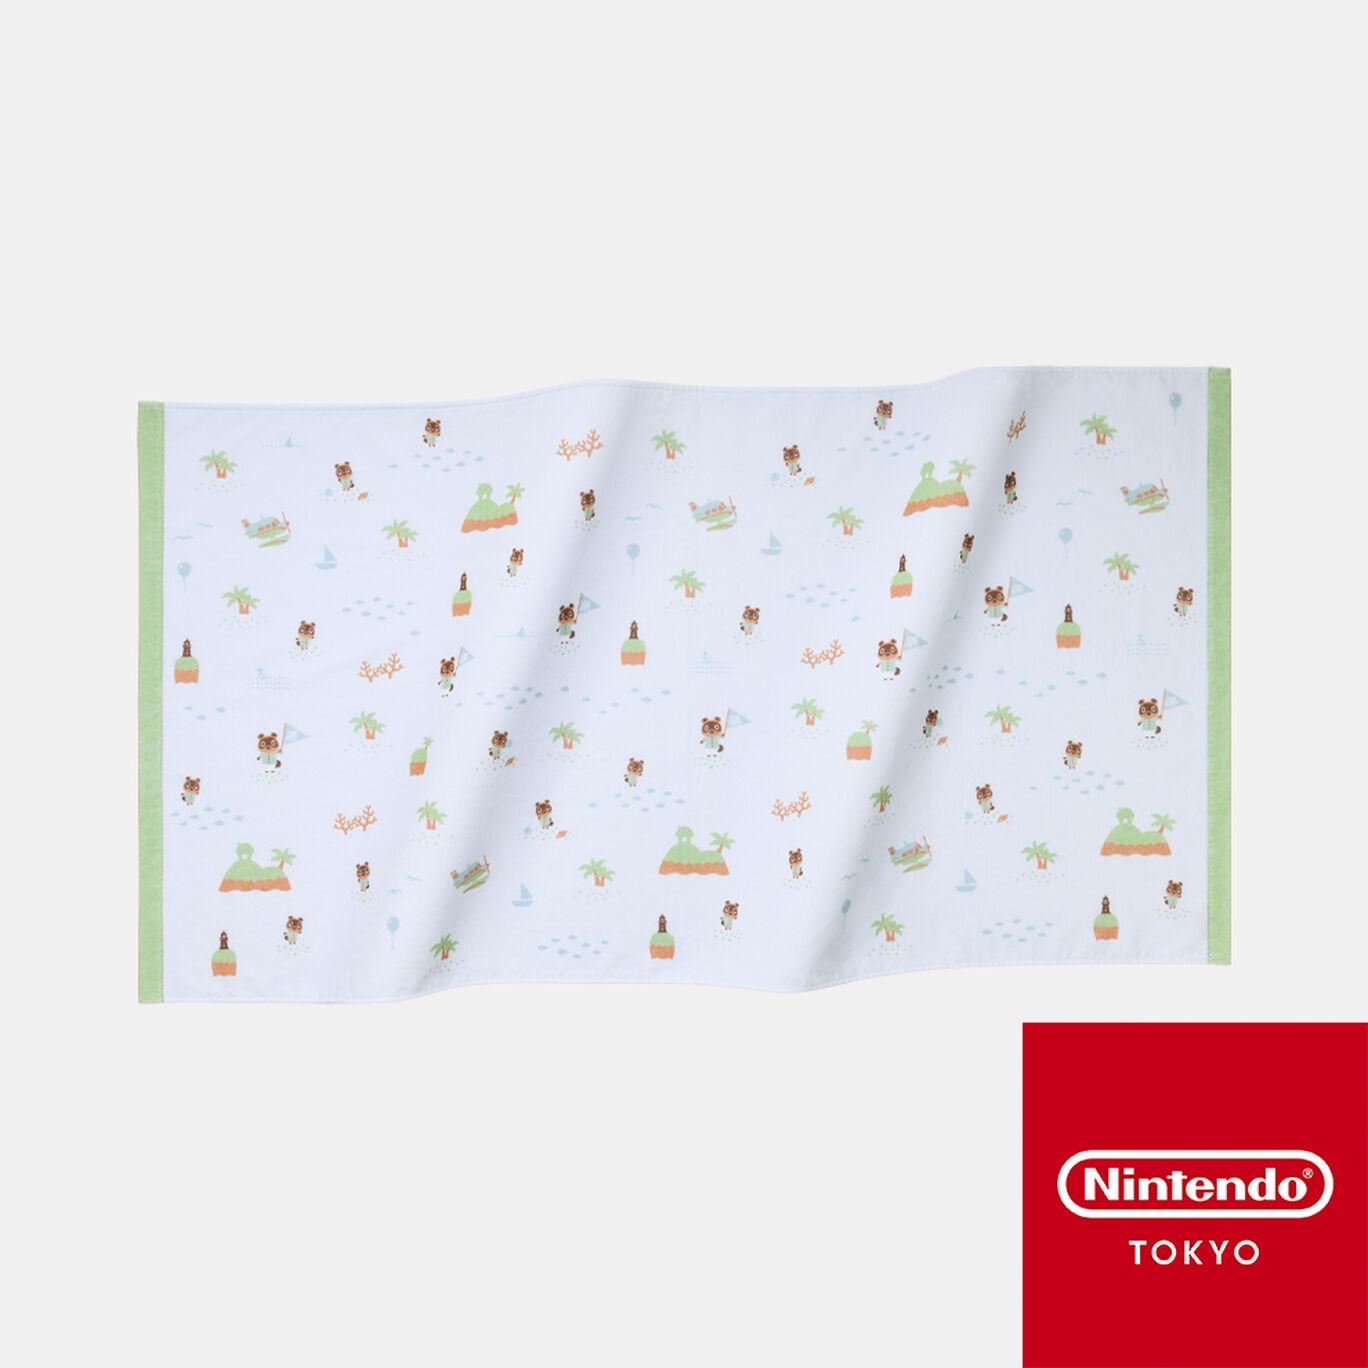 ビーチタオル あつまれ どうぶつの森【Nintendo TOKYO取り扱い商品】